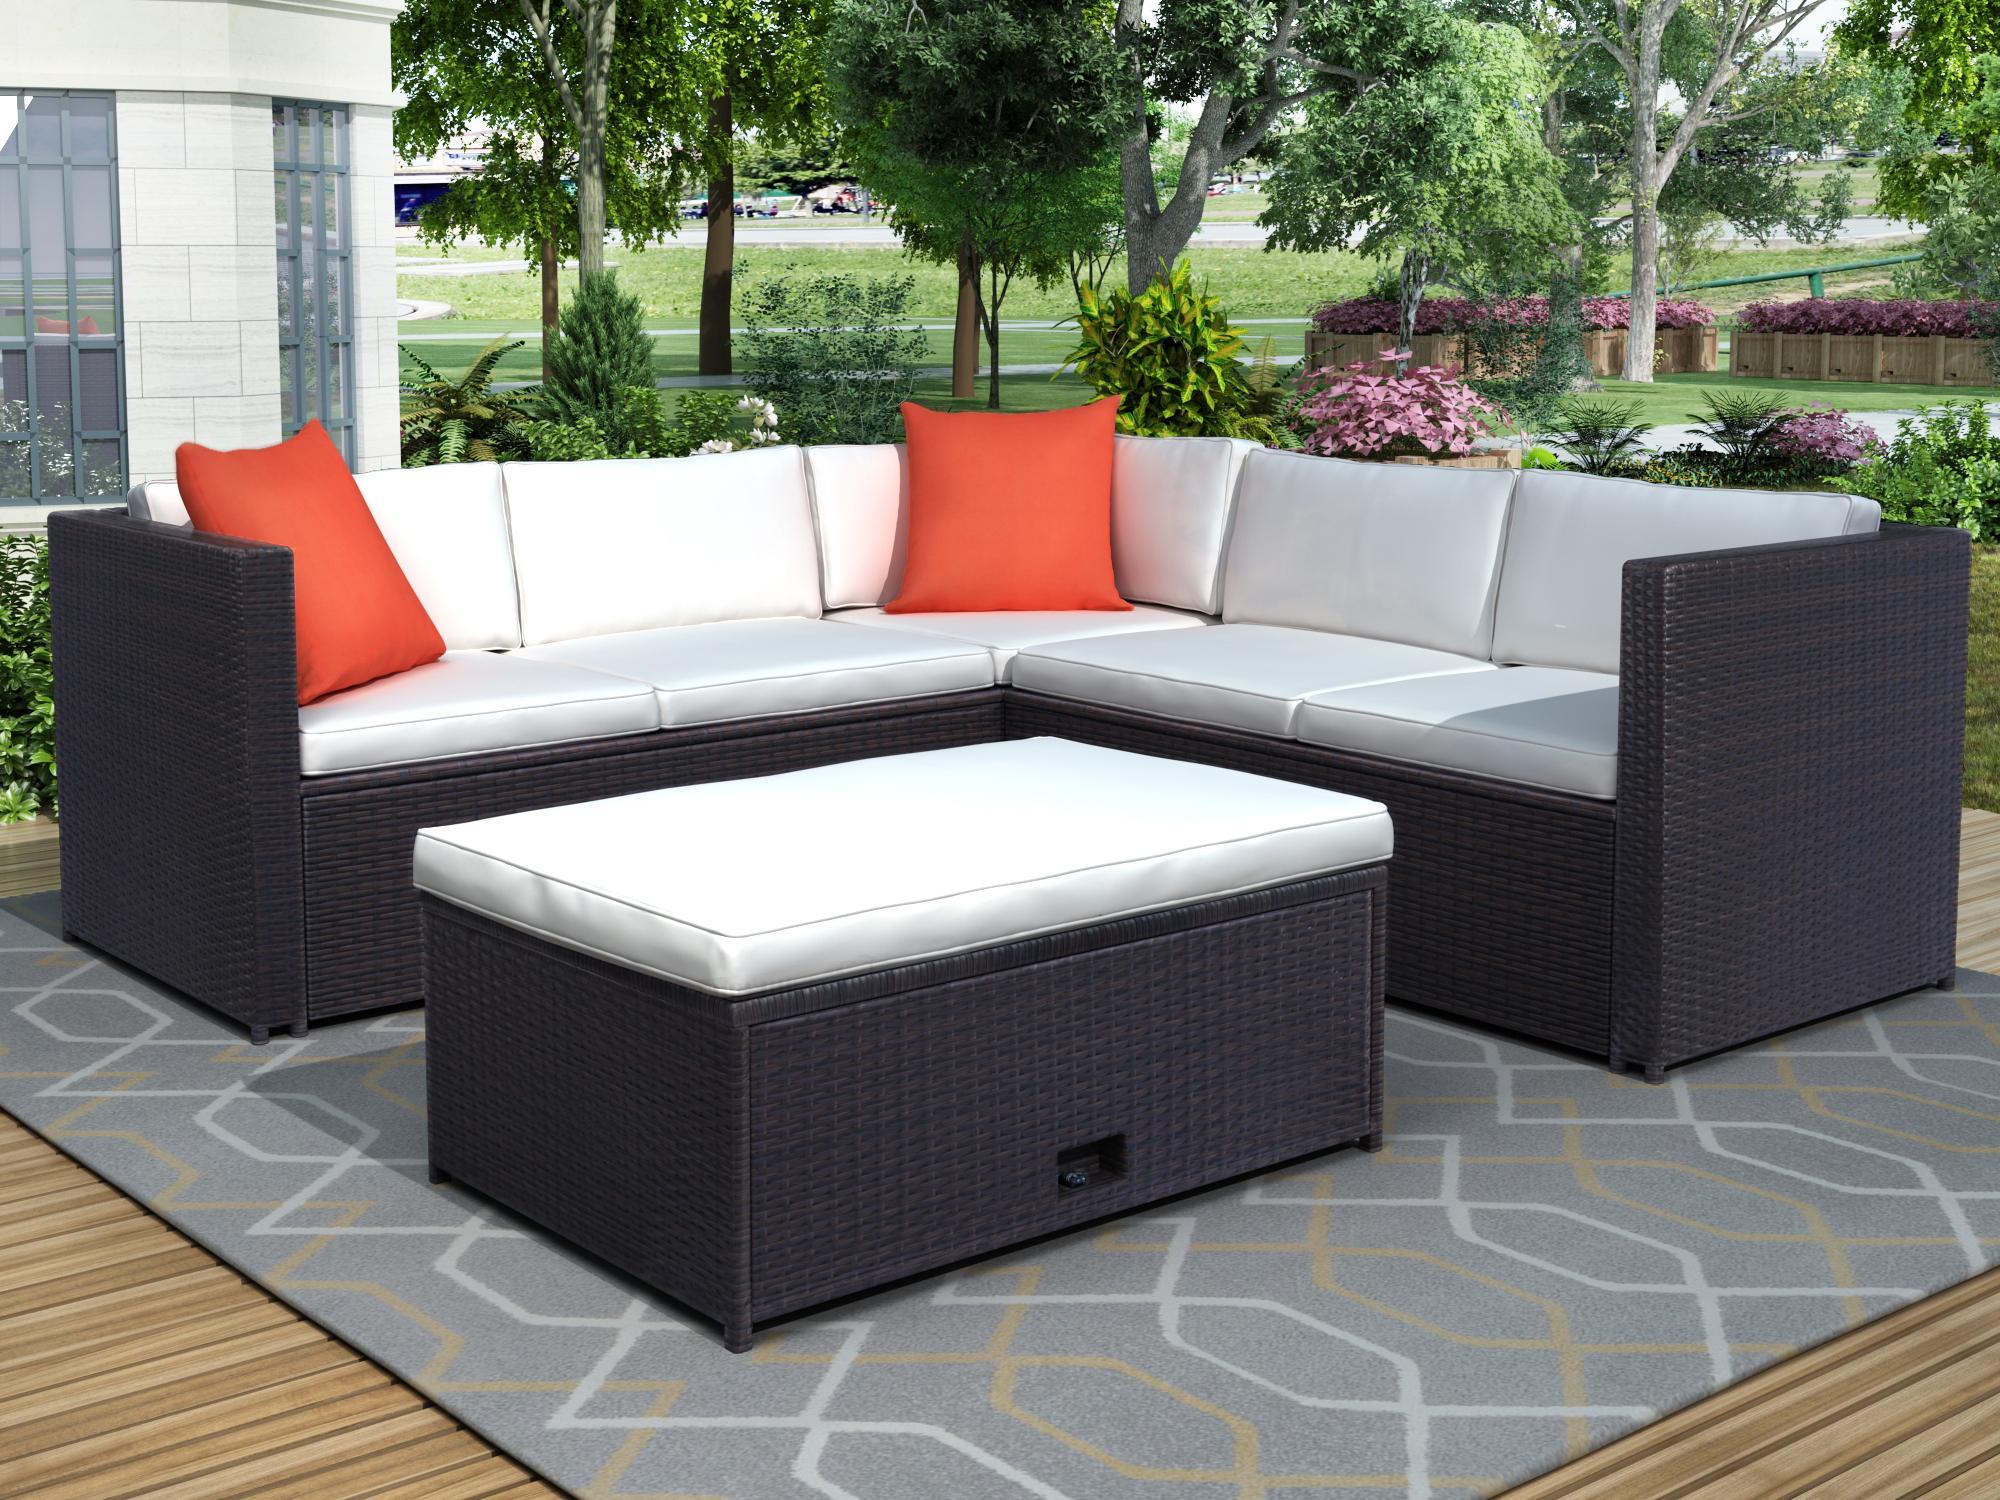 3-5 Tage Versand 4 Stück Gepolsterte Outdoor-Terrasse PE Rattan-Möbel Set Sektional Garten-Sofa mit braunem Rattanbeige-Kissen Sh000026AAA